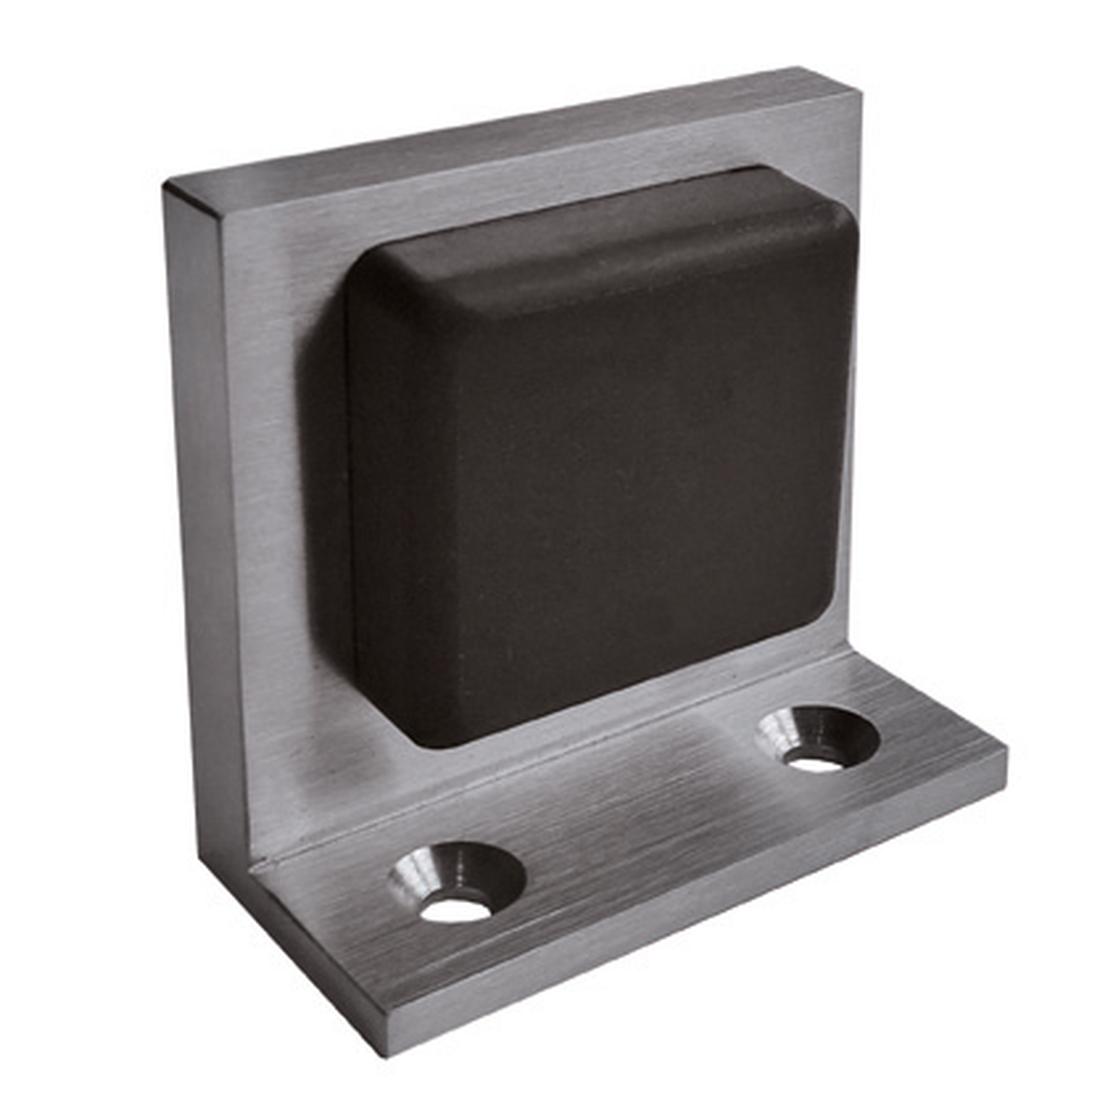 DOOR STOPPER FOR  FLOOR MOUNTING, [/] 60/60MM, 2 X SCREWS AND DOWELS